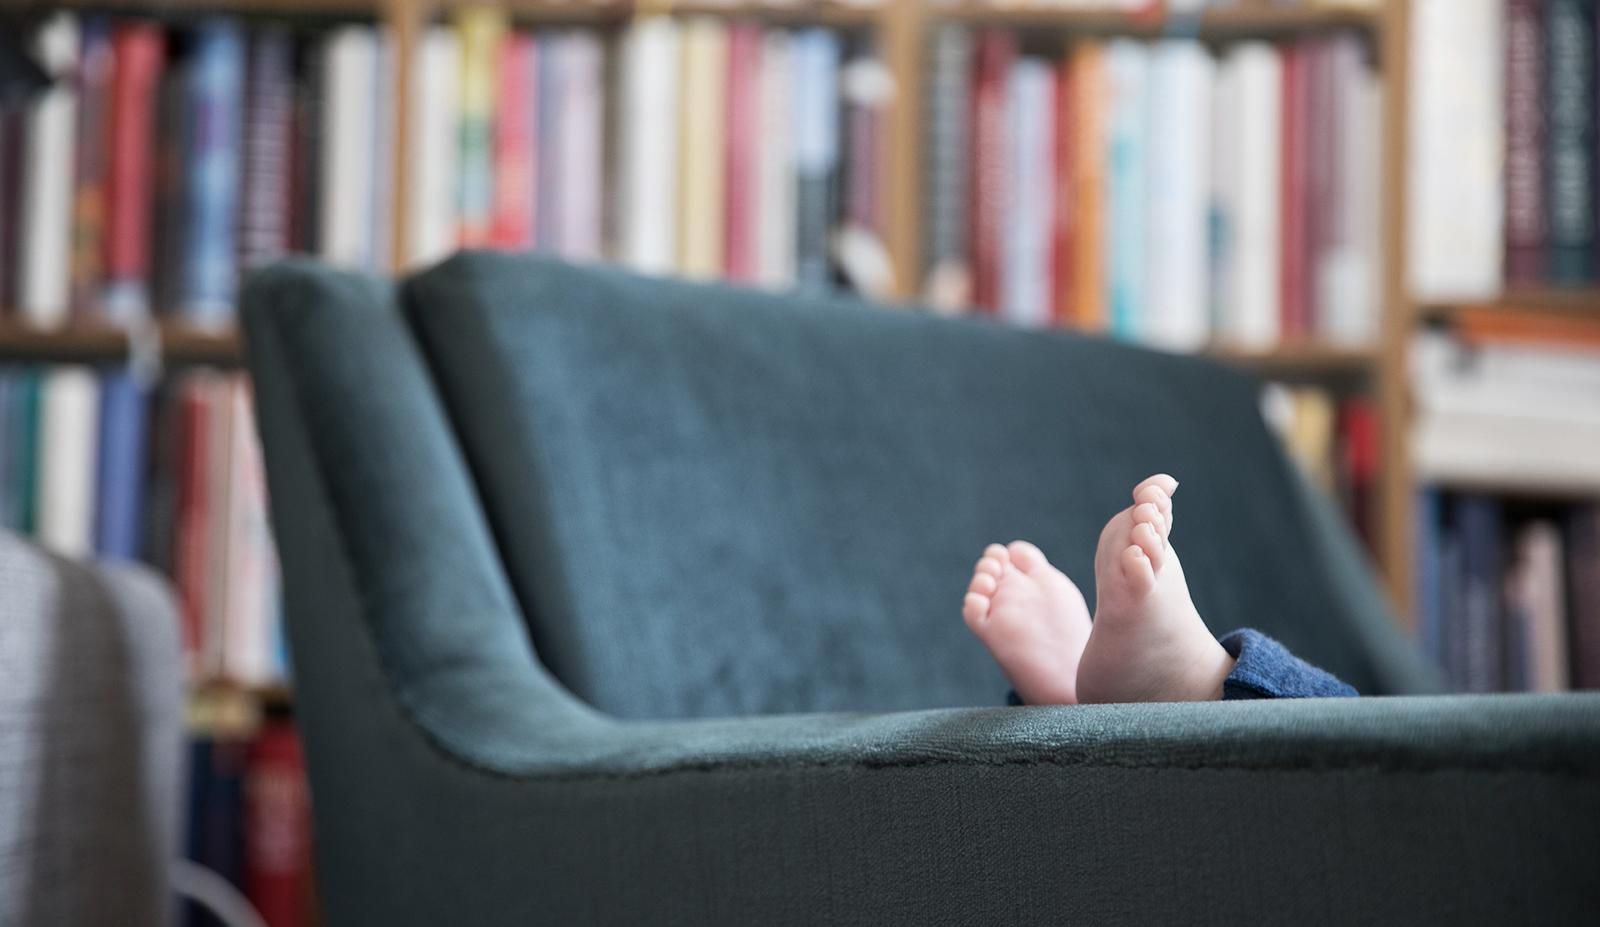 Familienreportage entspannt bei Euch zu hause